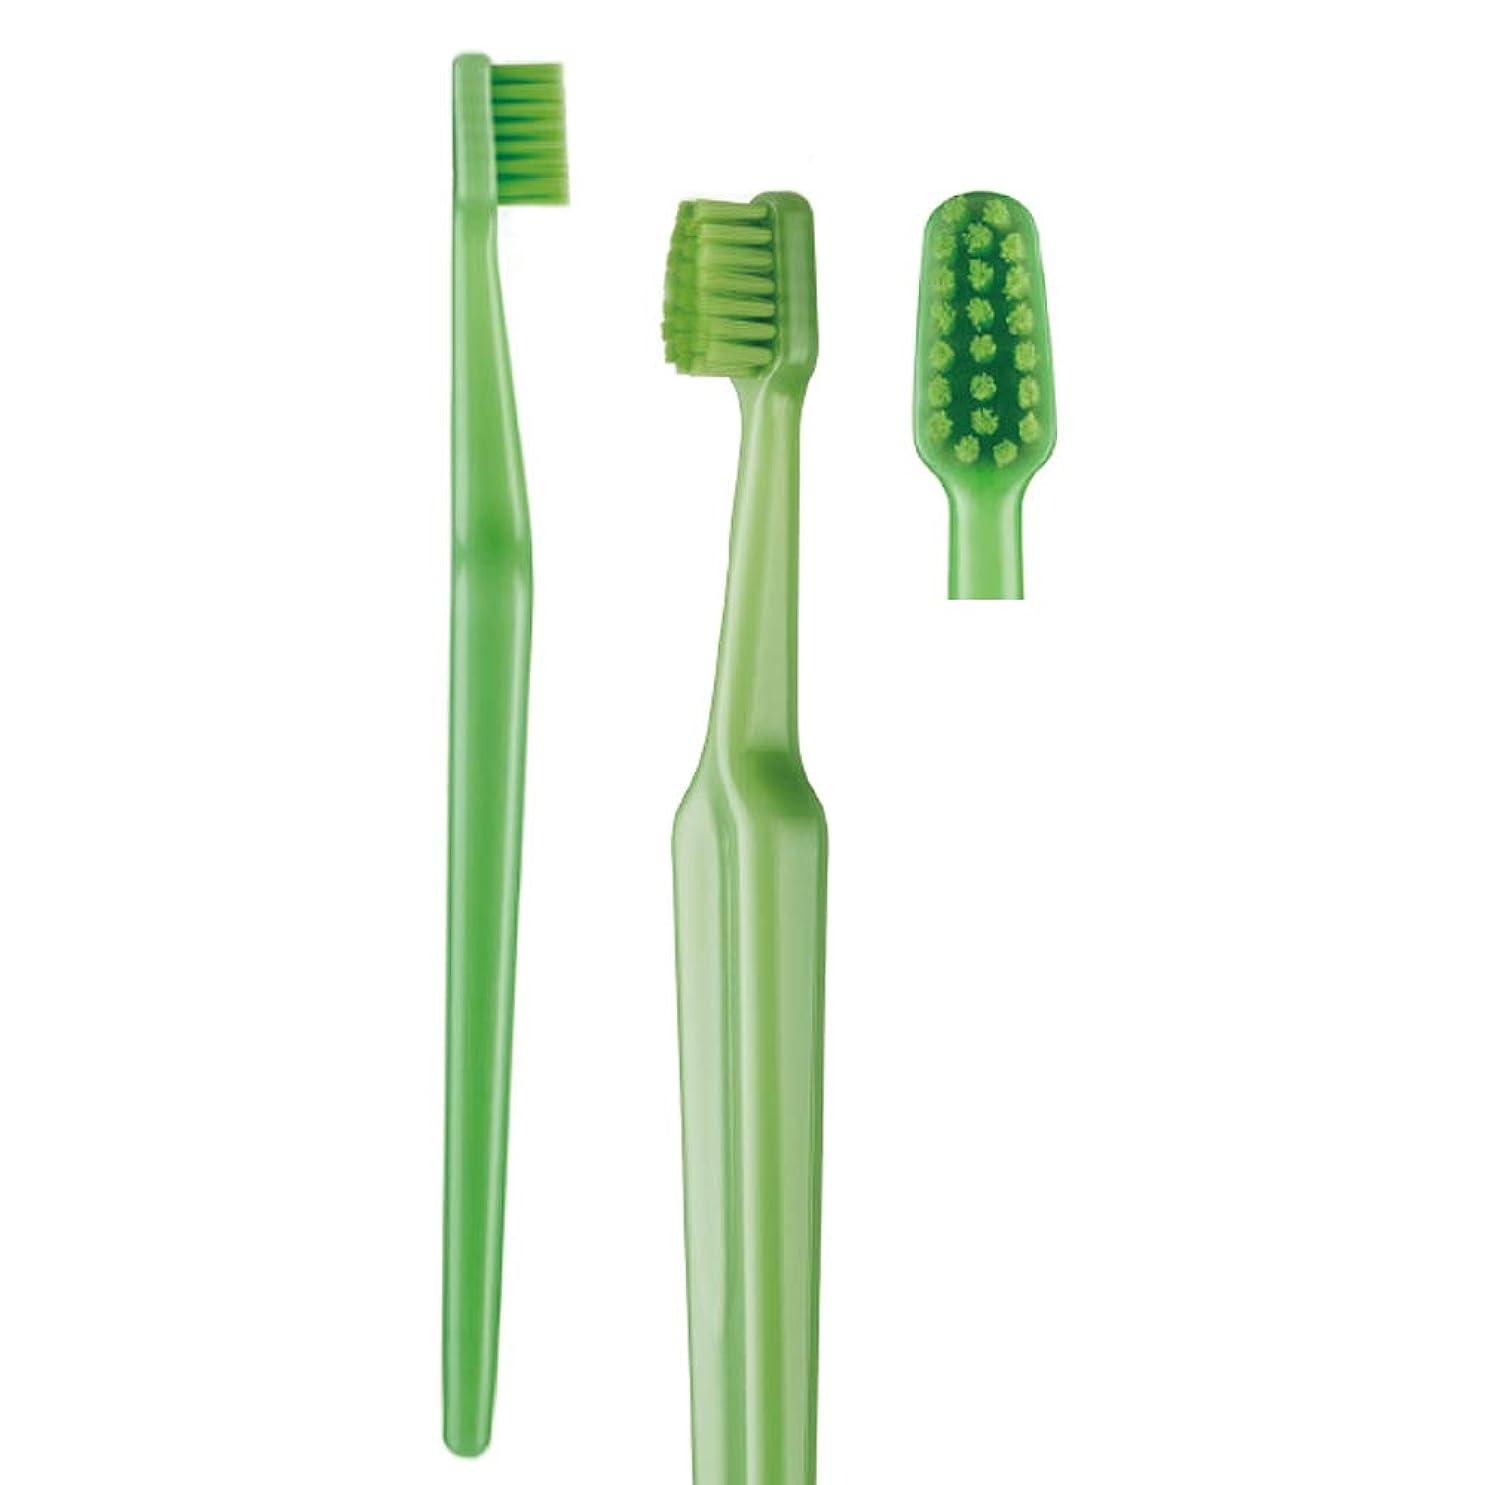 ファシズム怖がって死ぬ召集する歯科専売品 大人用歯ブラシ TePe GOOD (グッド) ミニ エクストラソフト(超やわらかめ) ヘッド小 1本